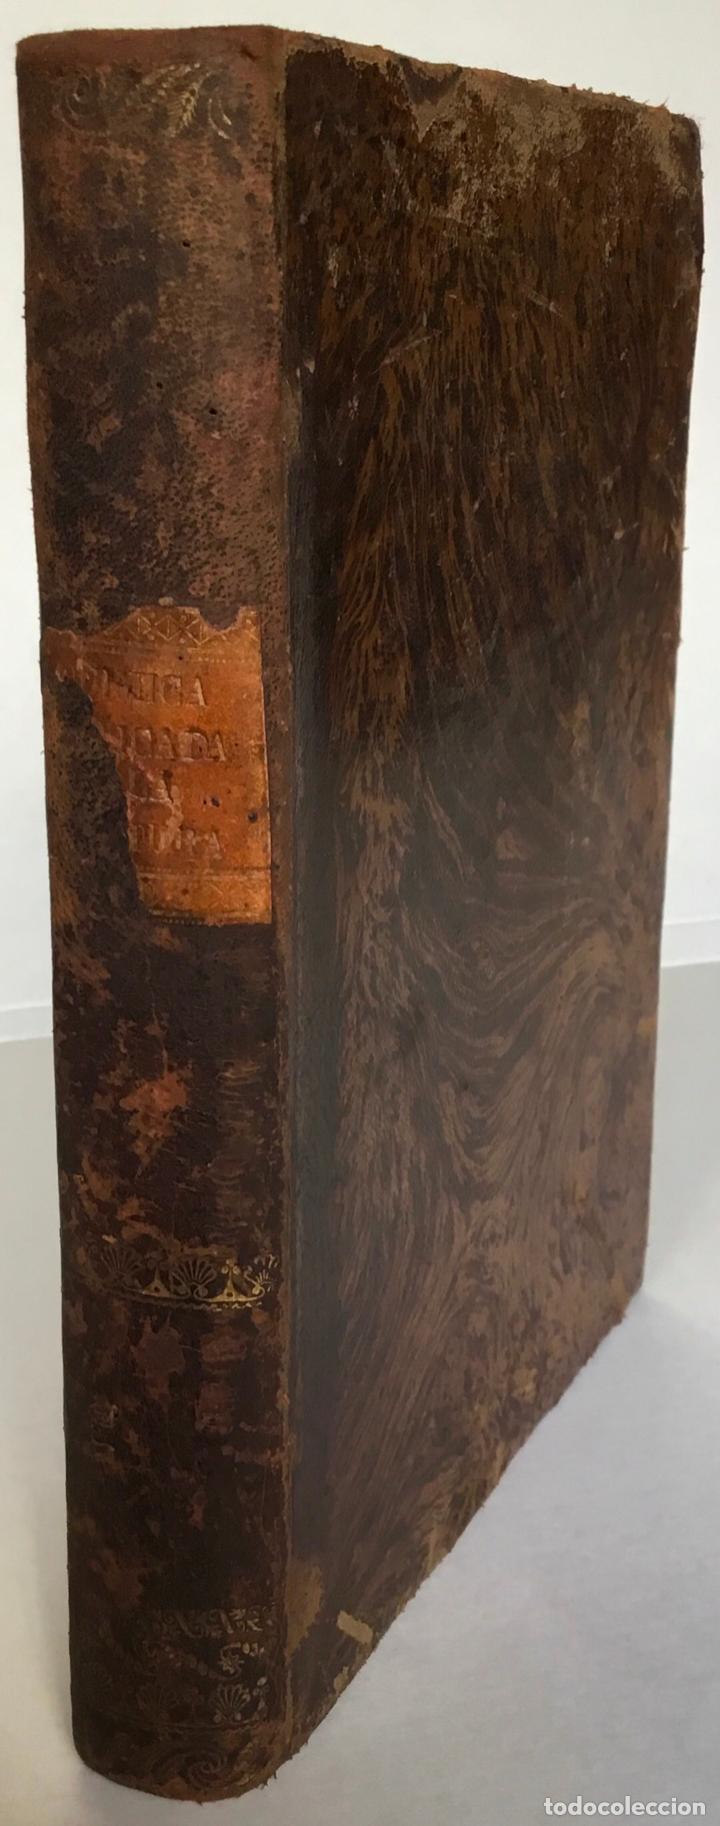 Libros antiguos: QUIMICA APLICADA A LA TINTURA Y BLANQUEO DE LA LANA, SEDA, LINO, CÁÑAMO Y ALGODON, Y AL ARTE DE IMPR - Foto 2 - 123260060